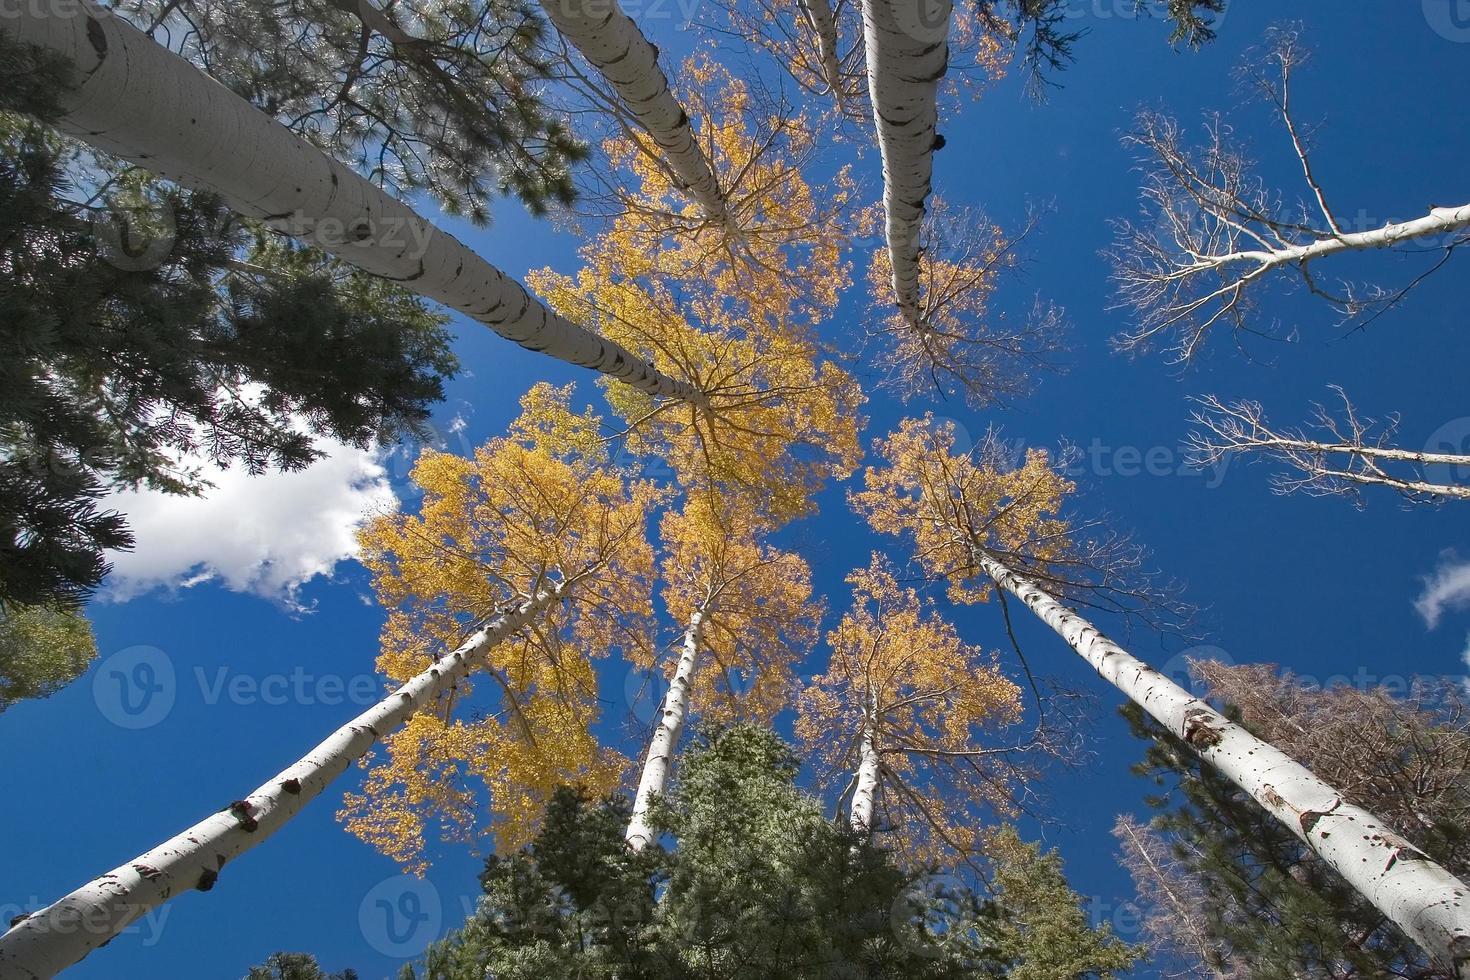 árboles y nubes. foto